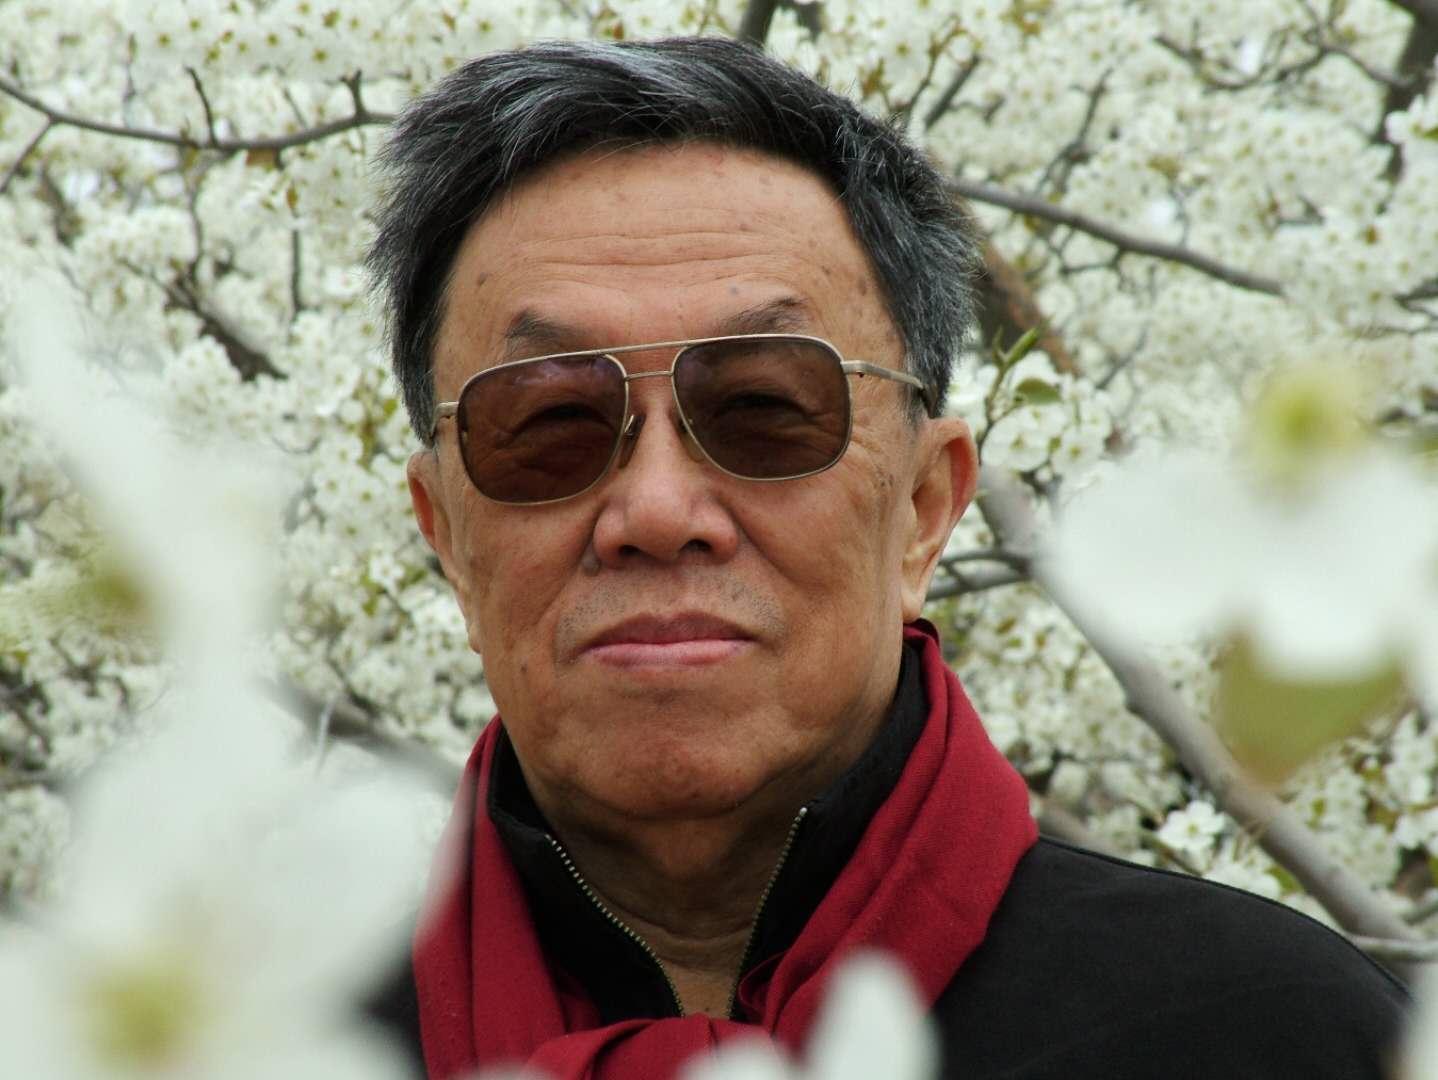 19岁就凭借《青春万岁》成名的王蒙,81岁才获茅盾文学奖